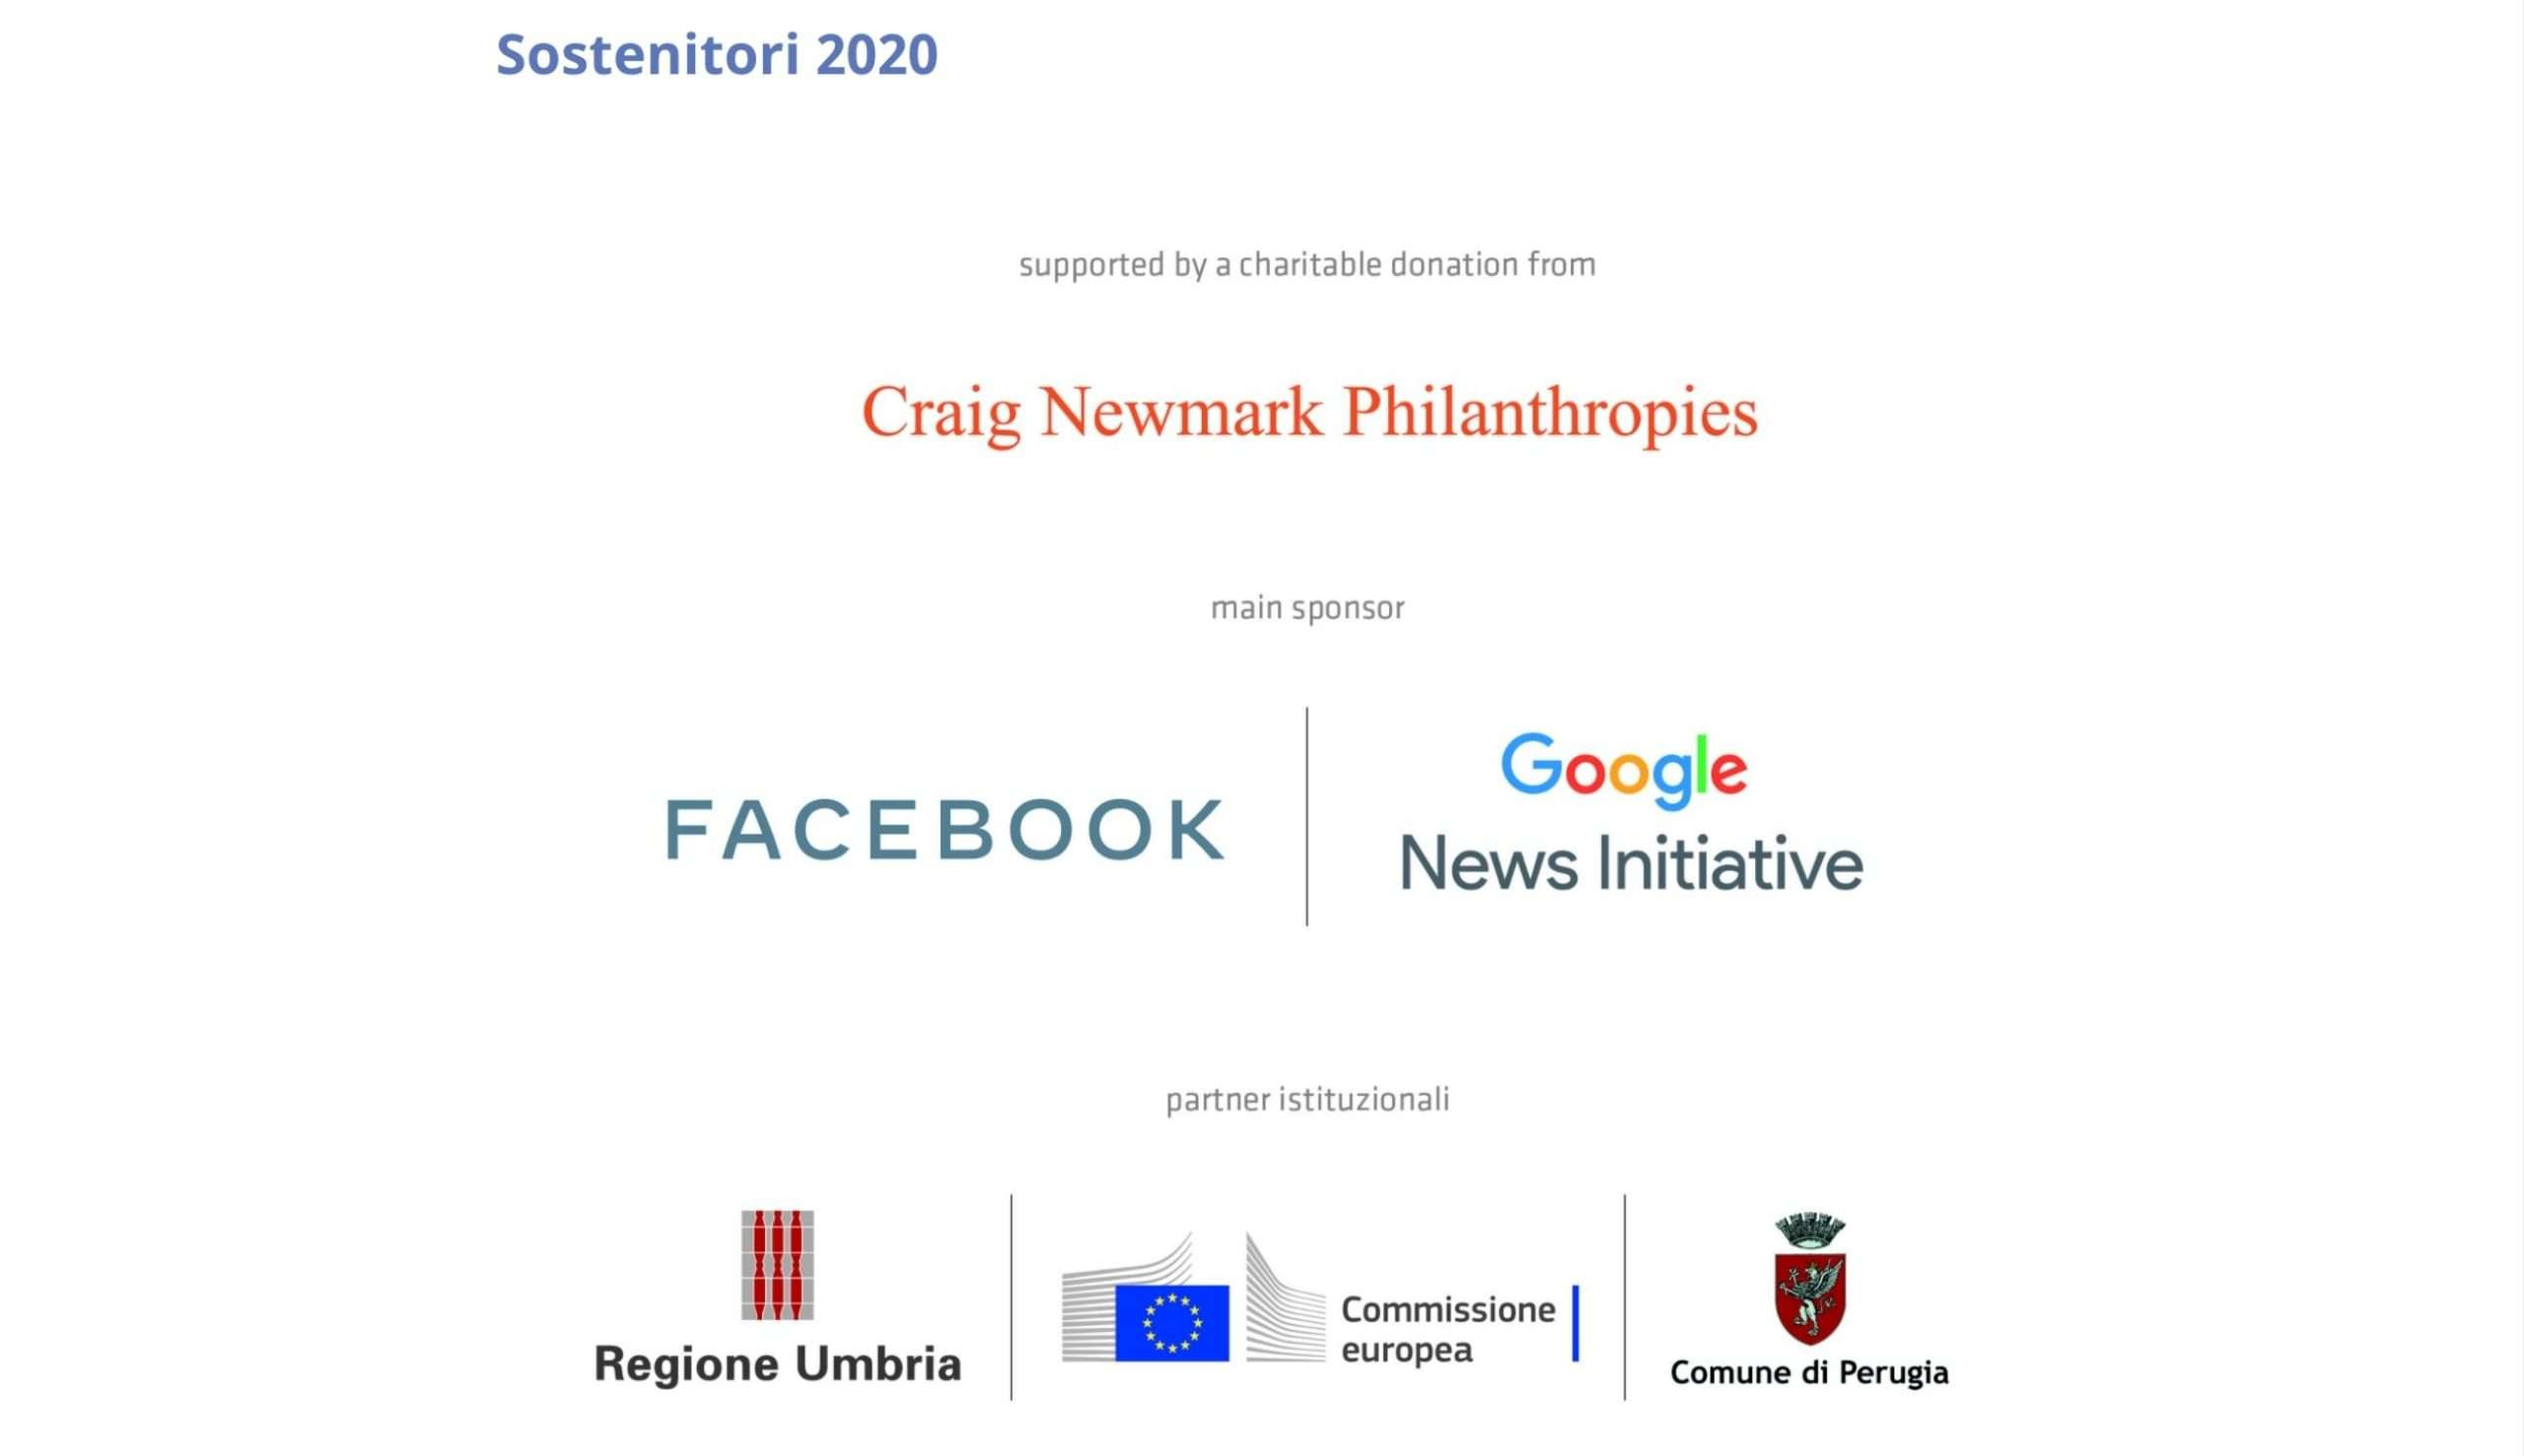 Sostenitori 2020 Festival del Giornalismo